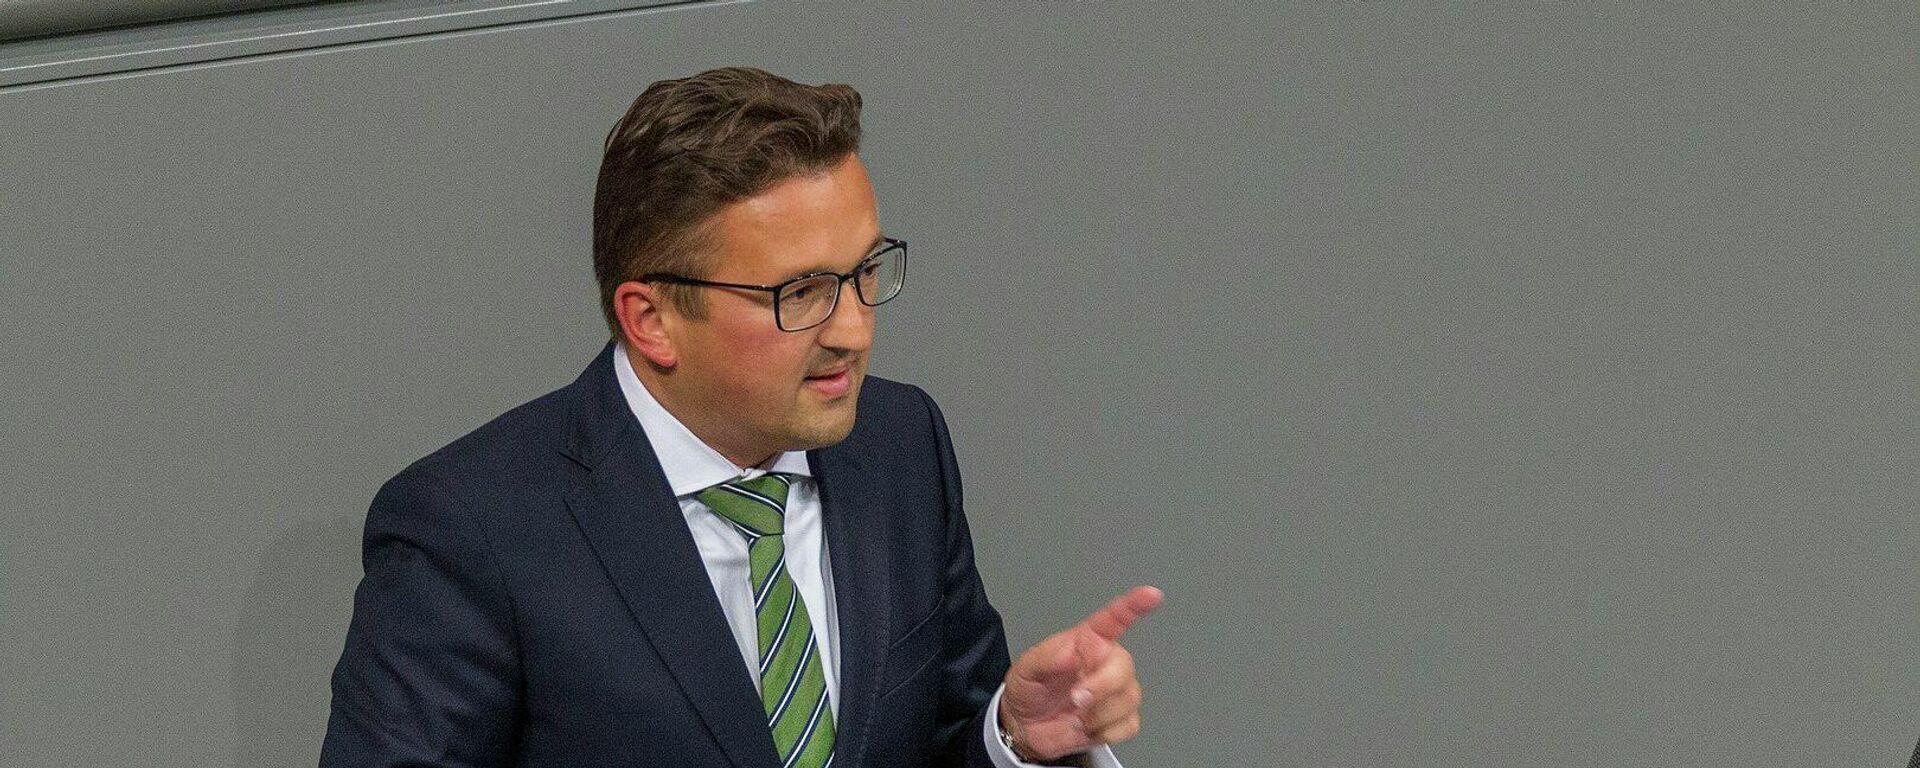 Carsten Körber, Chef der sächsischen Landesgruppe der CDU im Bundestag - SNA, 1920, 01.10.2021